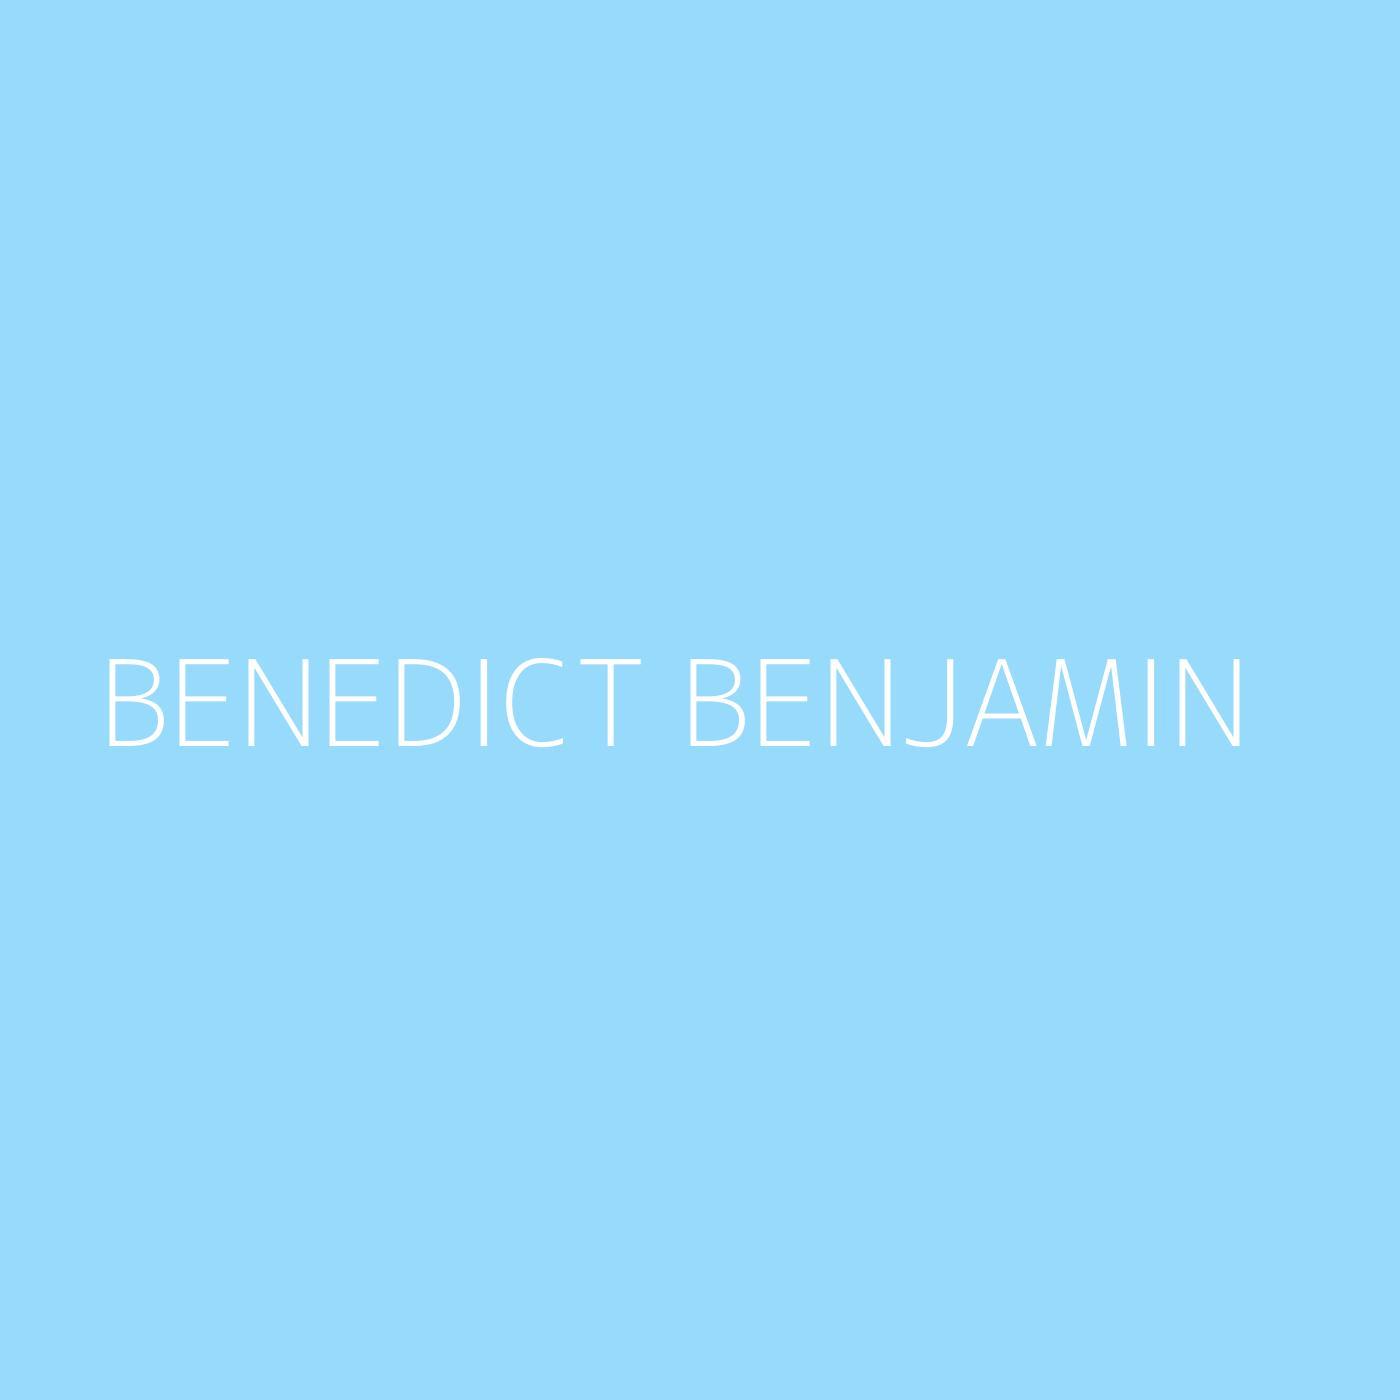 Benedict Benjamin Playlist Artwork